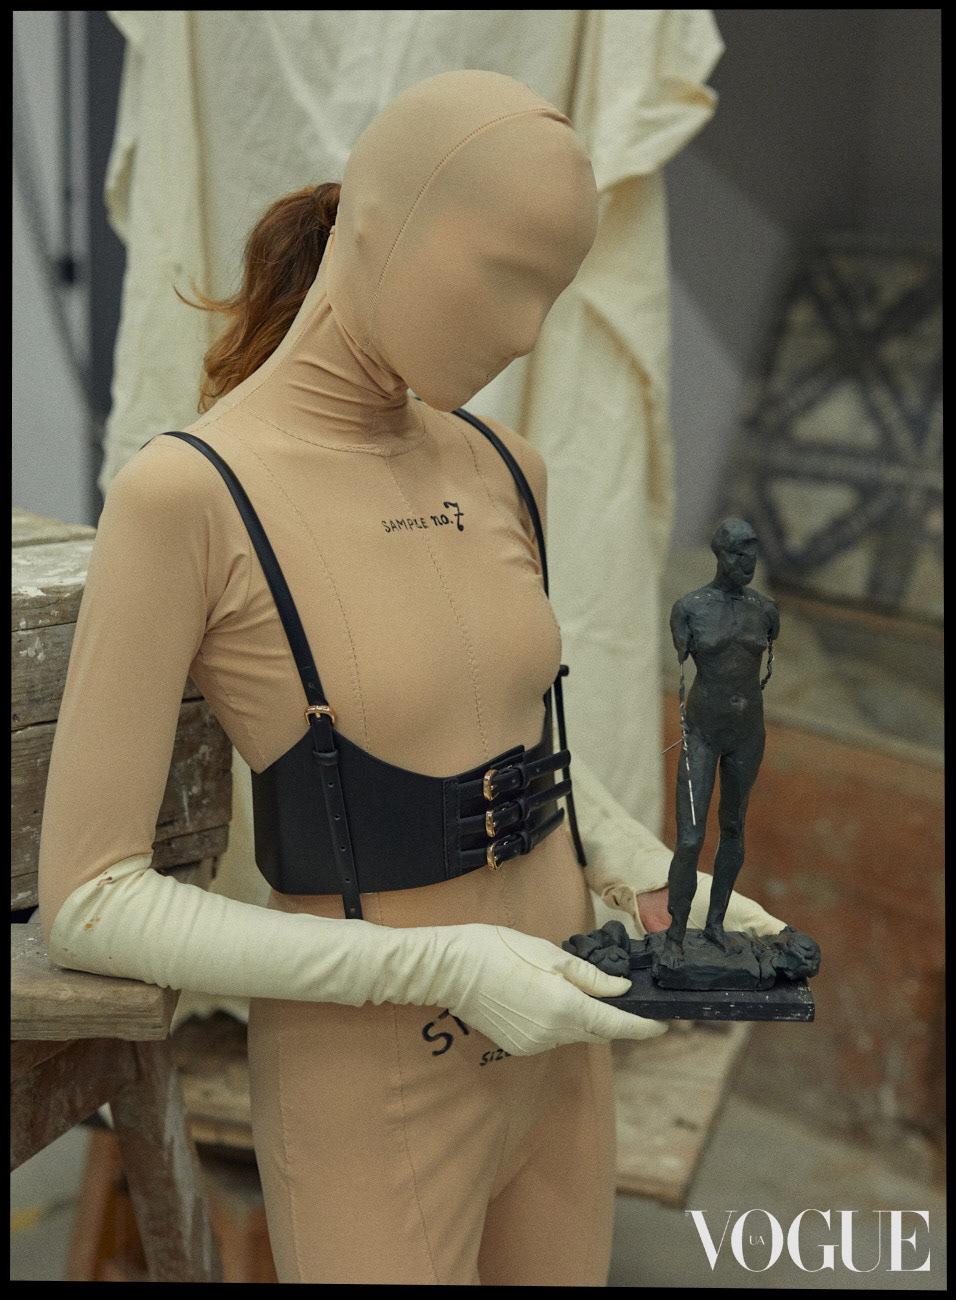 LA FEMME DE NULLE / VOGUE UKRAINE